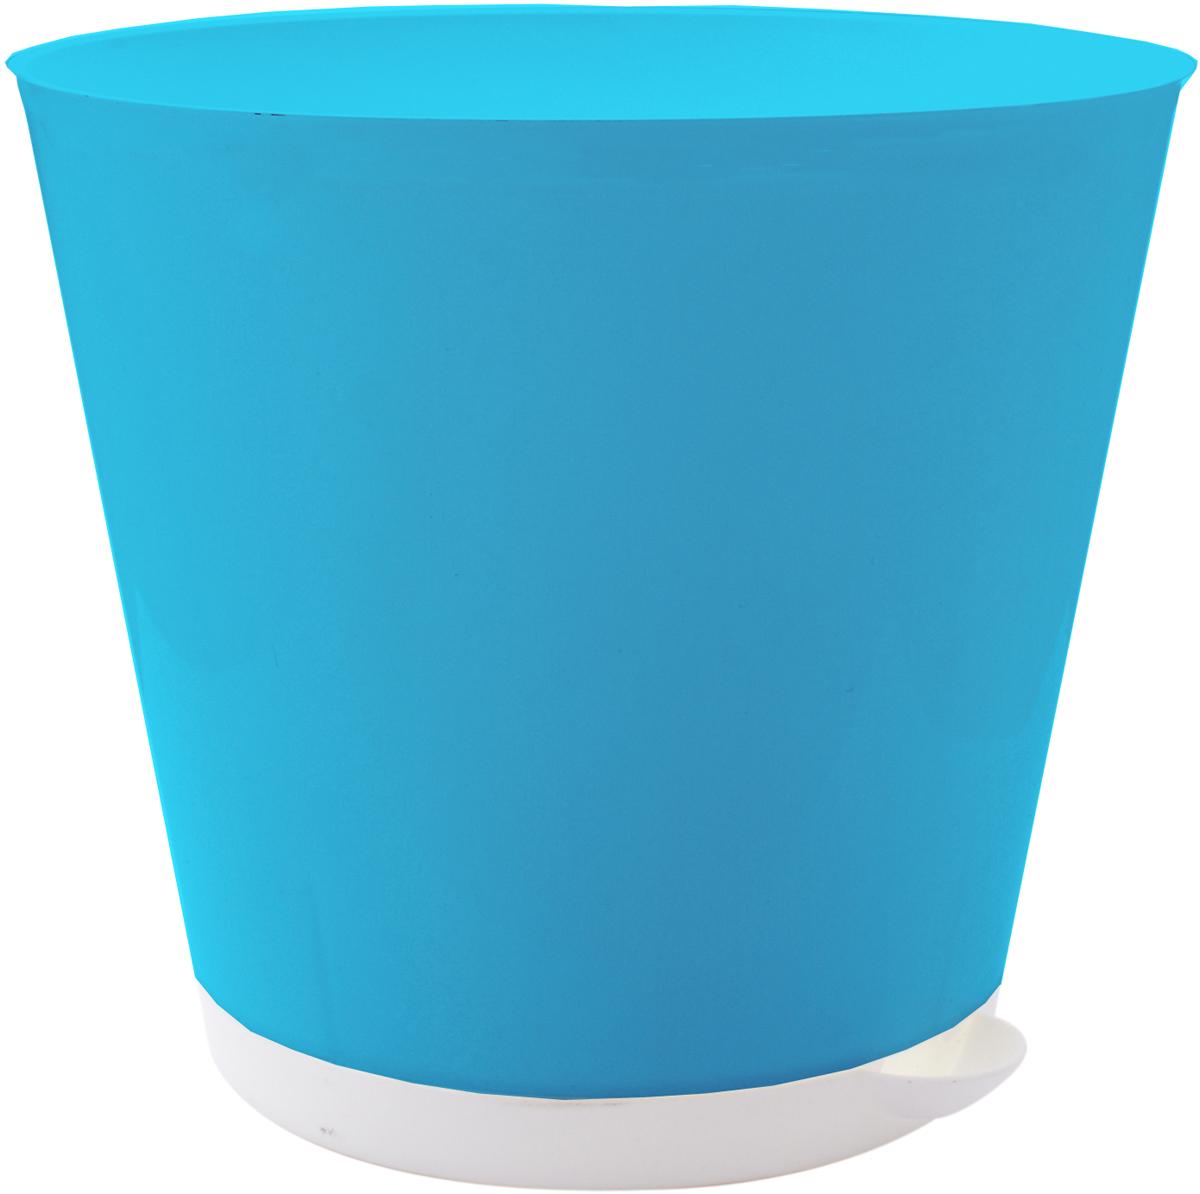 Горшок для цветов InGreen Крит, с системой прикорневого полива, цвет: светло-синий, белый, диаметр 20 смING46020СВСН-12РSГоршок InGreen Крит, выполненный из высококачественного полипропилена (пластика), предназначен для выращивания комнатных цветов, растений и трав. Специальная конструкция обеспечивает вентиляцию в корневой системе растения, а дренажные отверстия позволяют выходить лишней влаге из почвы. Крепежные отверстия и штыри прочно крепят подставку к горшку. Прикорневой полив растения осуществляется через удобный носик. Система прикорневого полива позволяет оставлять комнатное растение без внимания тем, кто часто находится в командировках или собирается в отпуск и не имеет возможности вовремя поливать цветы.Такой горшок порадует вас современным дизайном и функциональностью, а также оригинально украсит интерьер любого помещения. Диаметр горшка (по верхнему краю): 20 см.Высота горшка: 18,2 см.